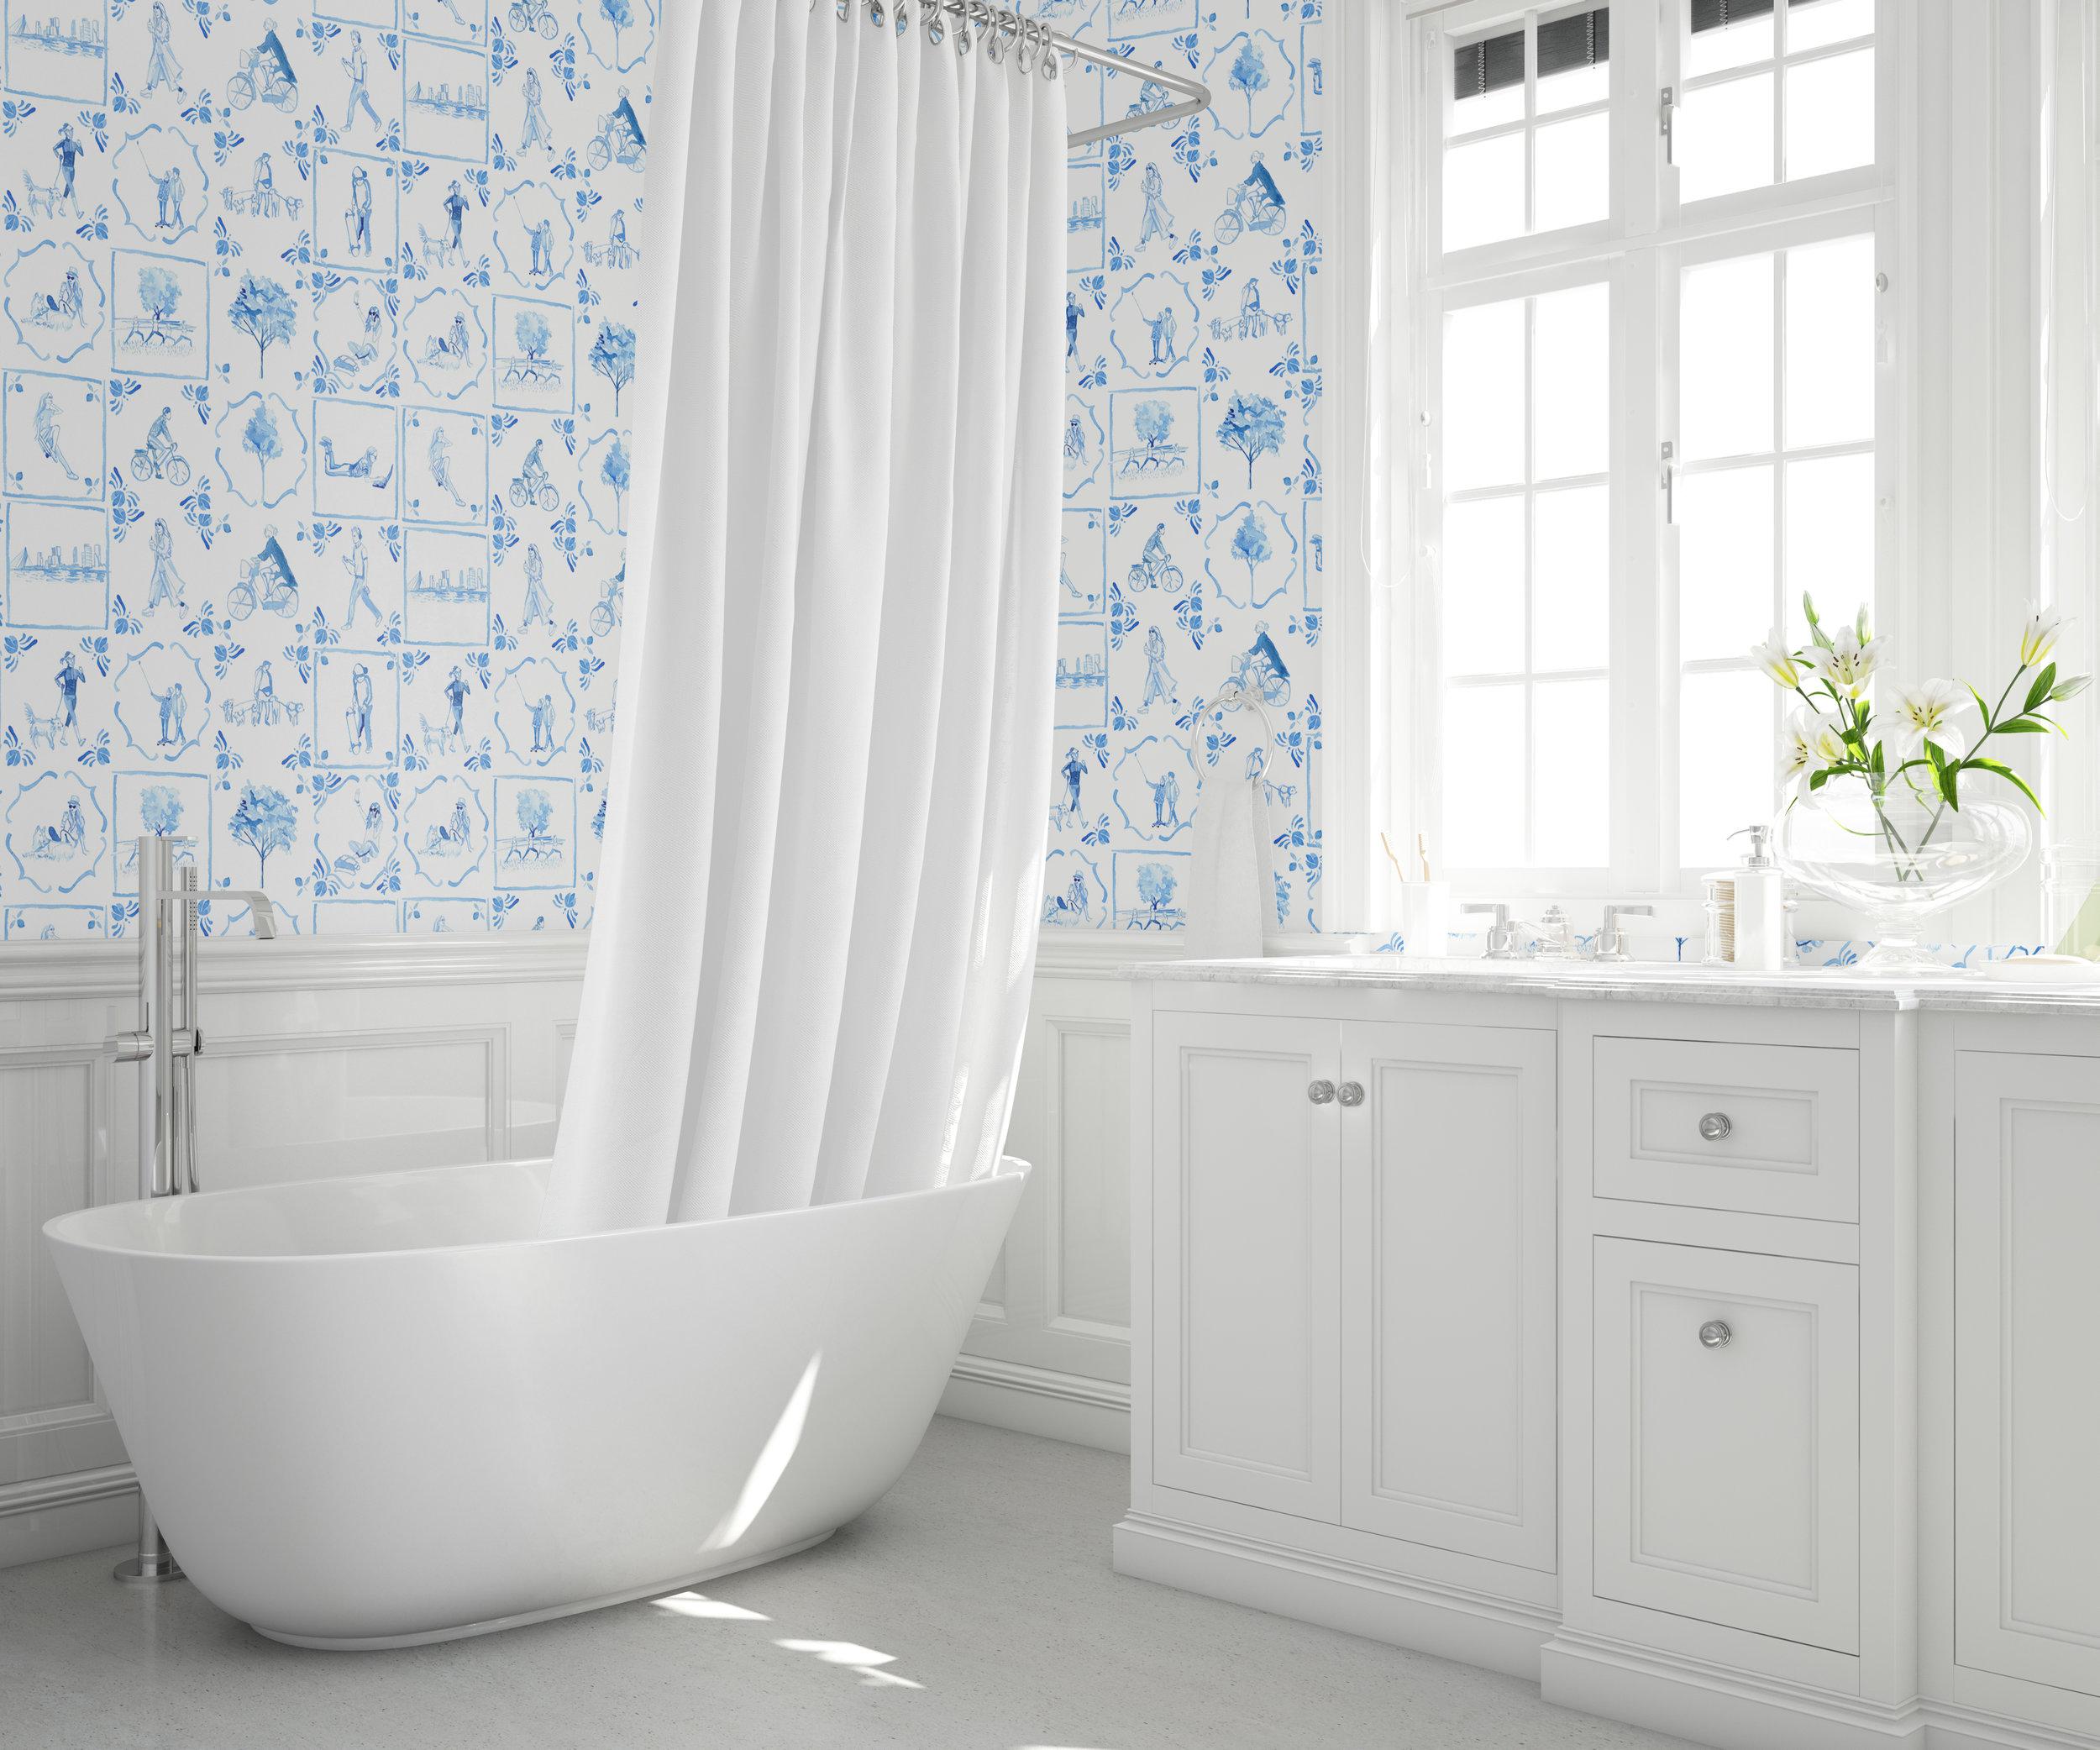 wall-bath-moderndutch-220-10001.jpg